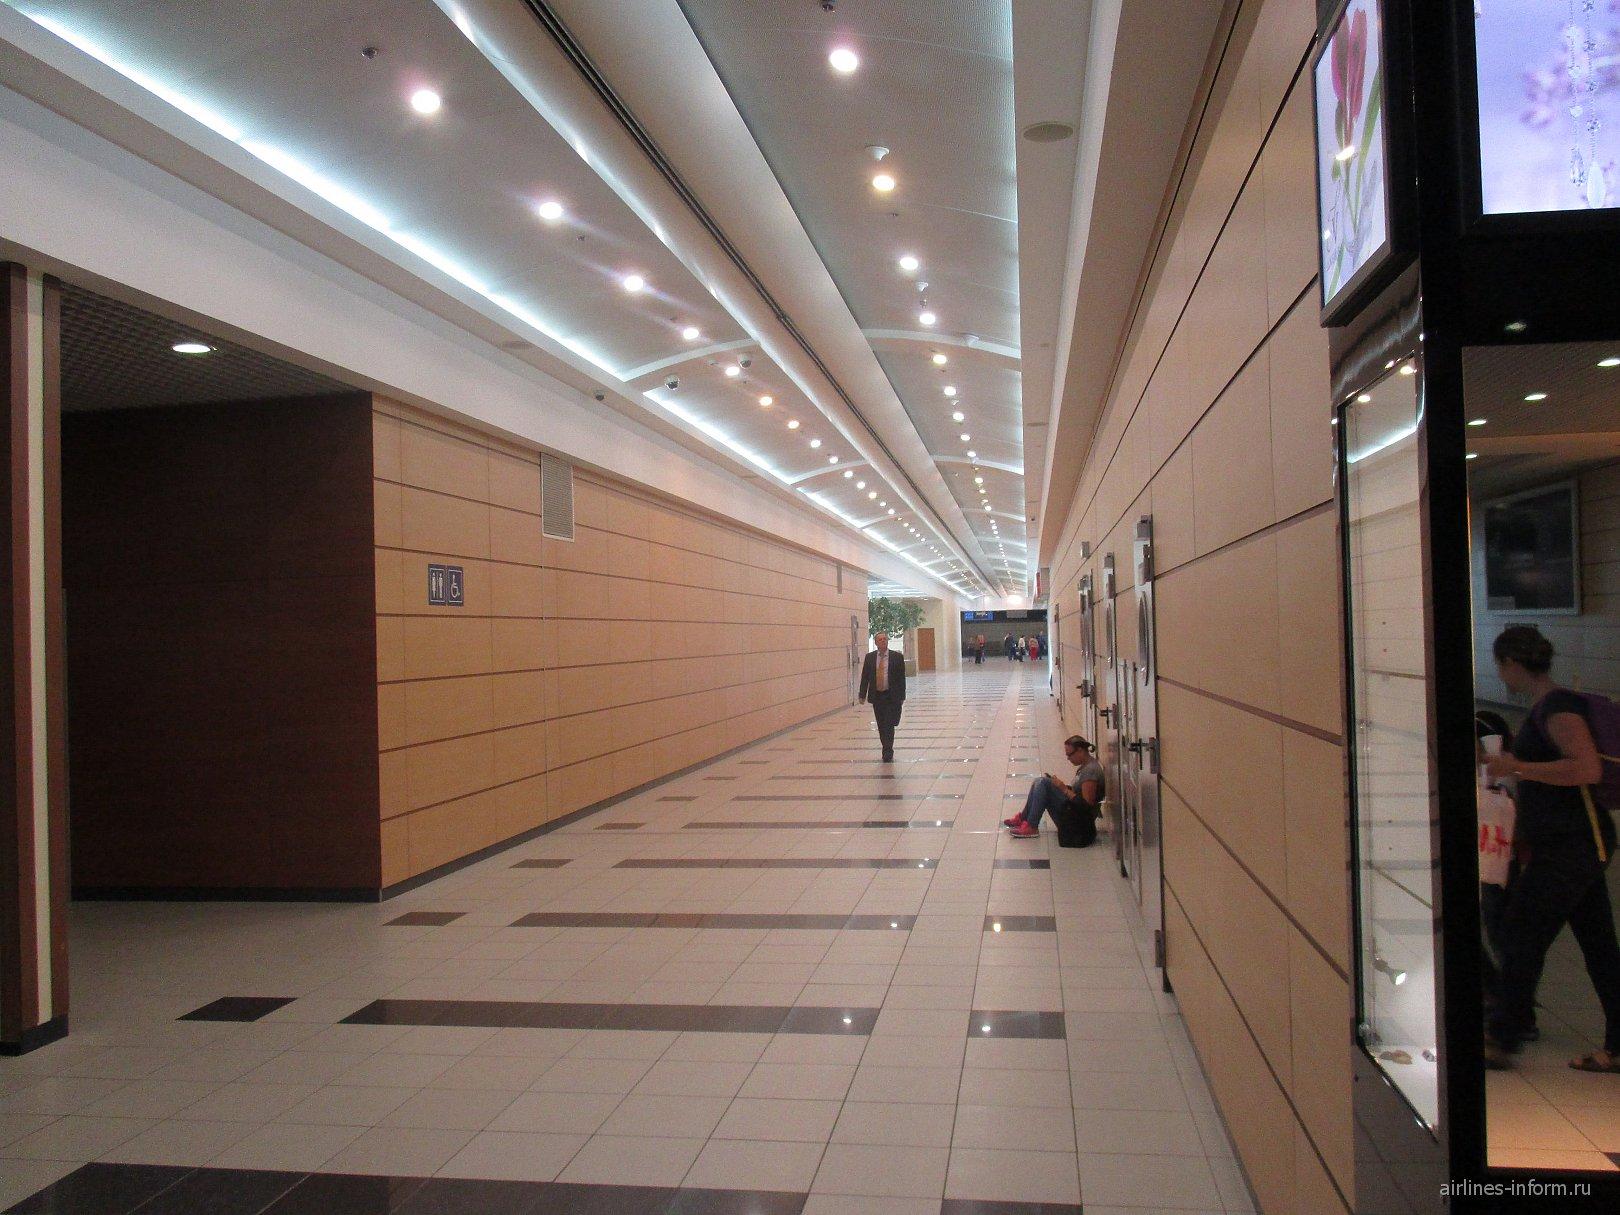 На 3-м этаже чистой зоны аэропорта Домодедово